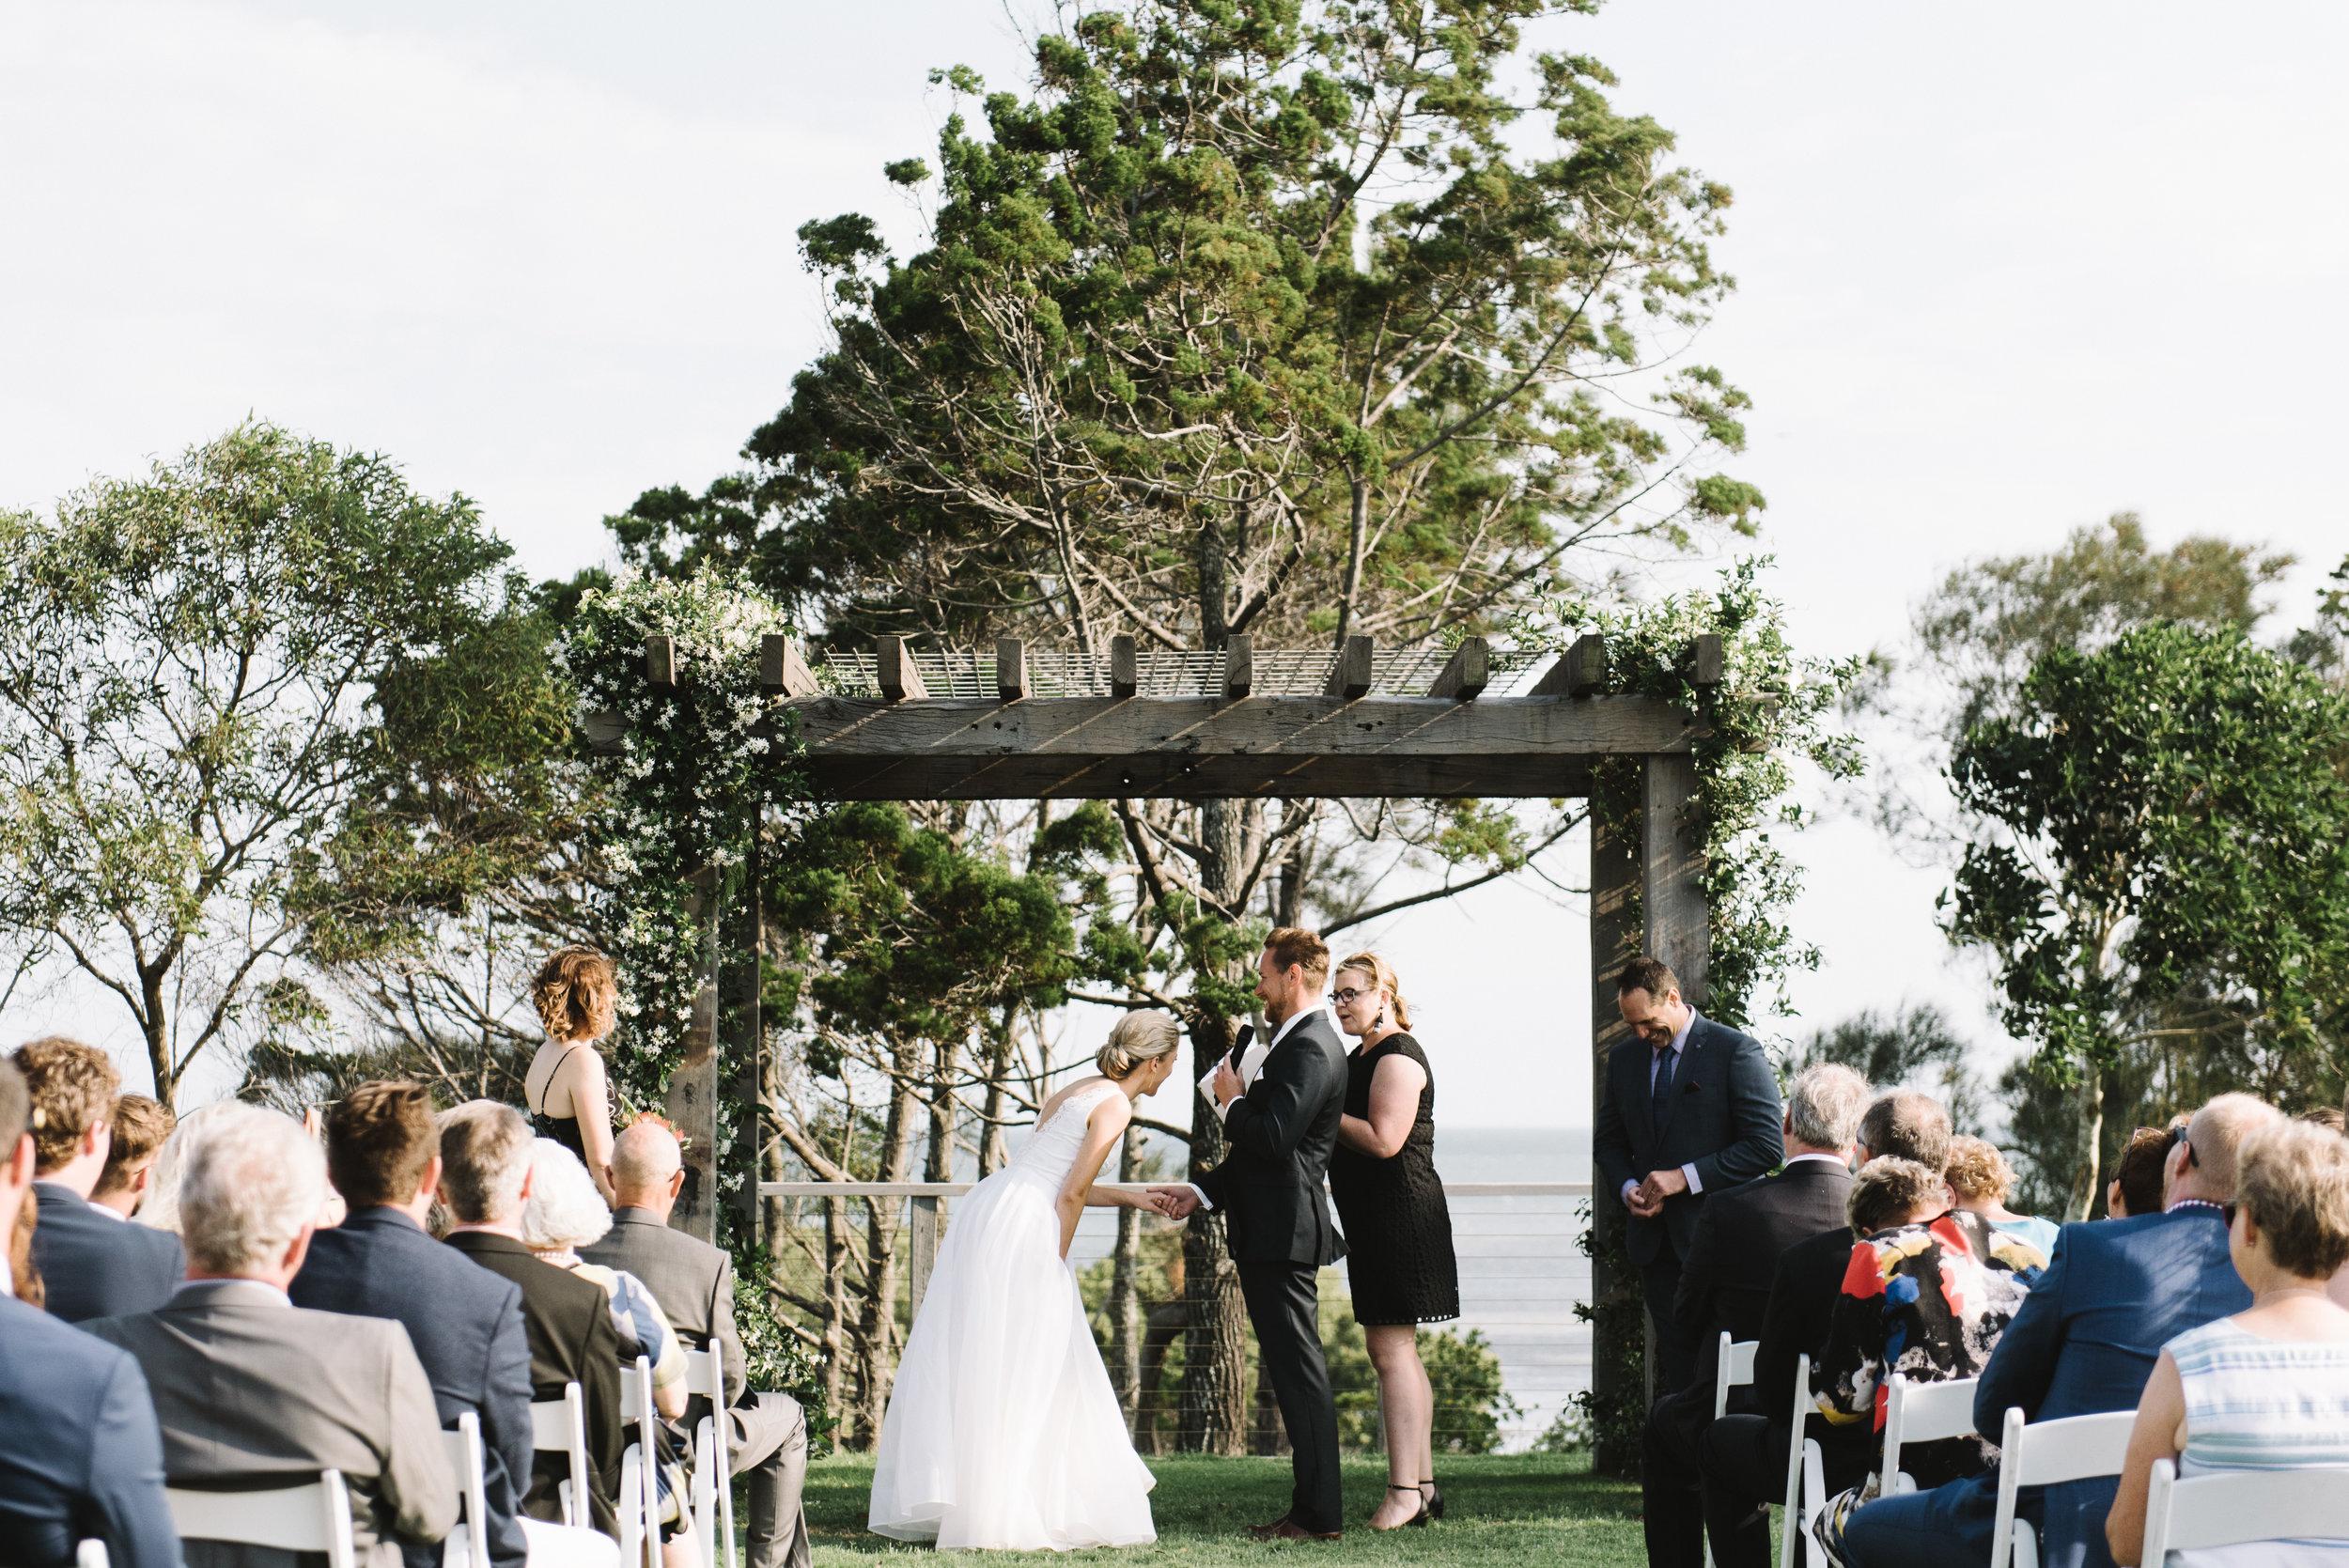 wedding-photography-brisbane-sandstone-point-hotel-bribie-island-luxewedding-24.jpg